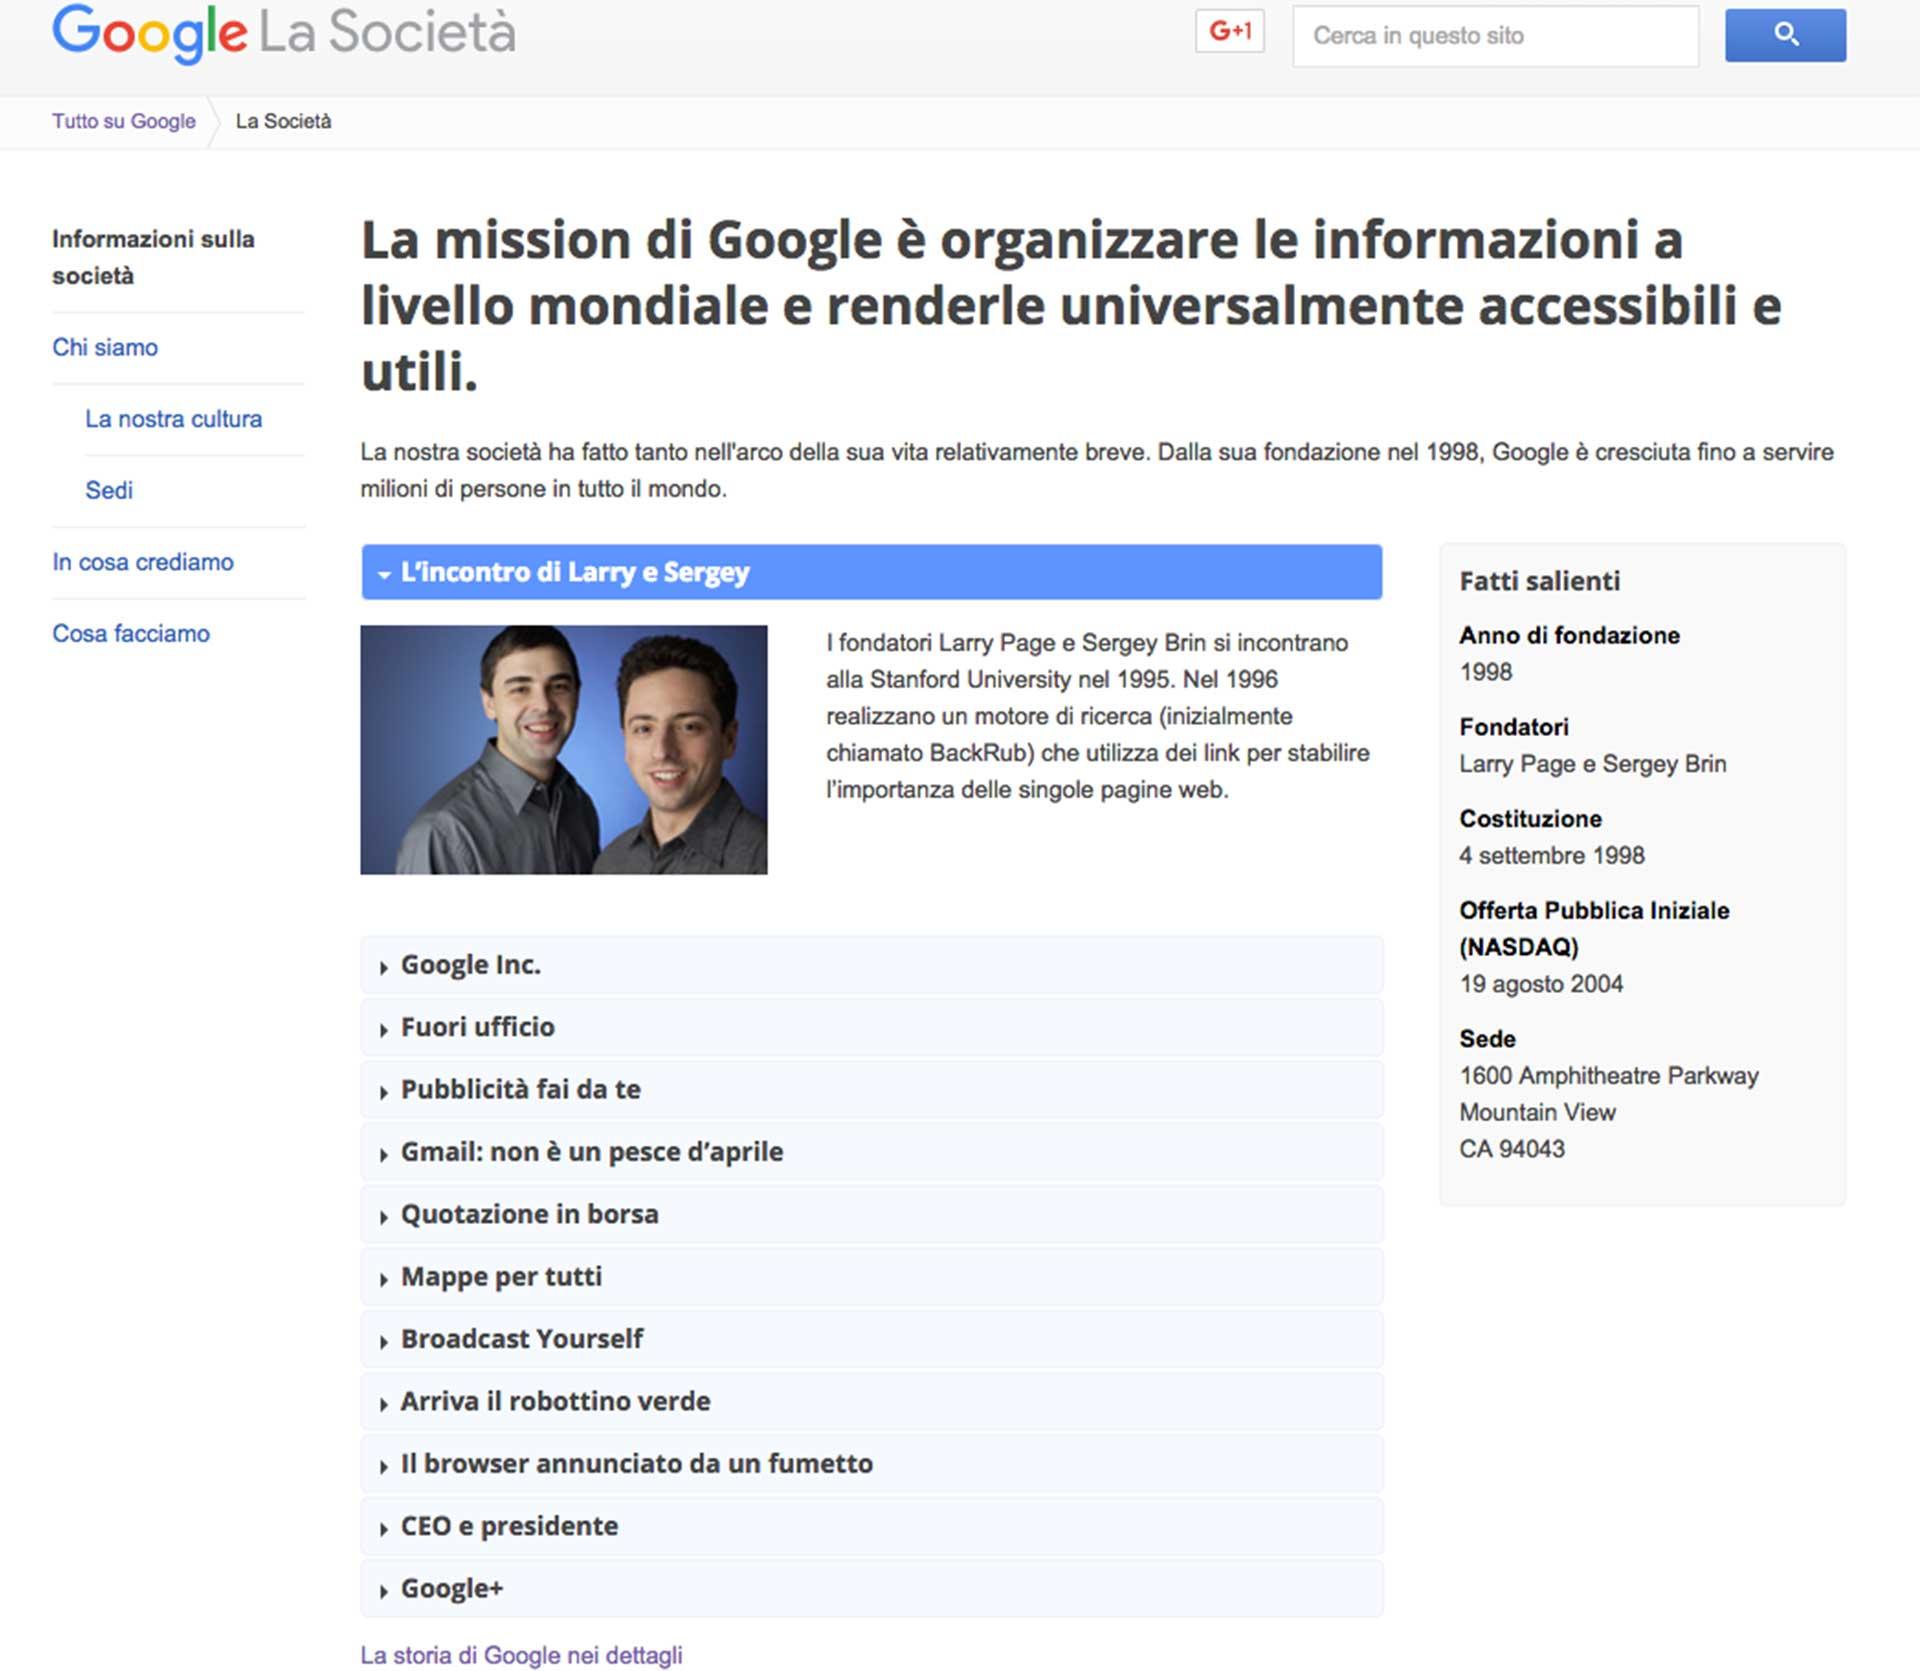 esempio sezione About Google